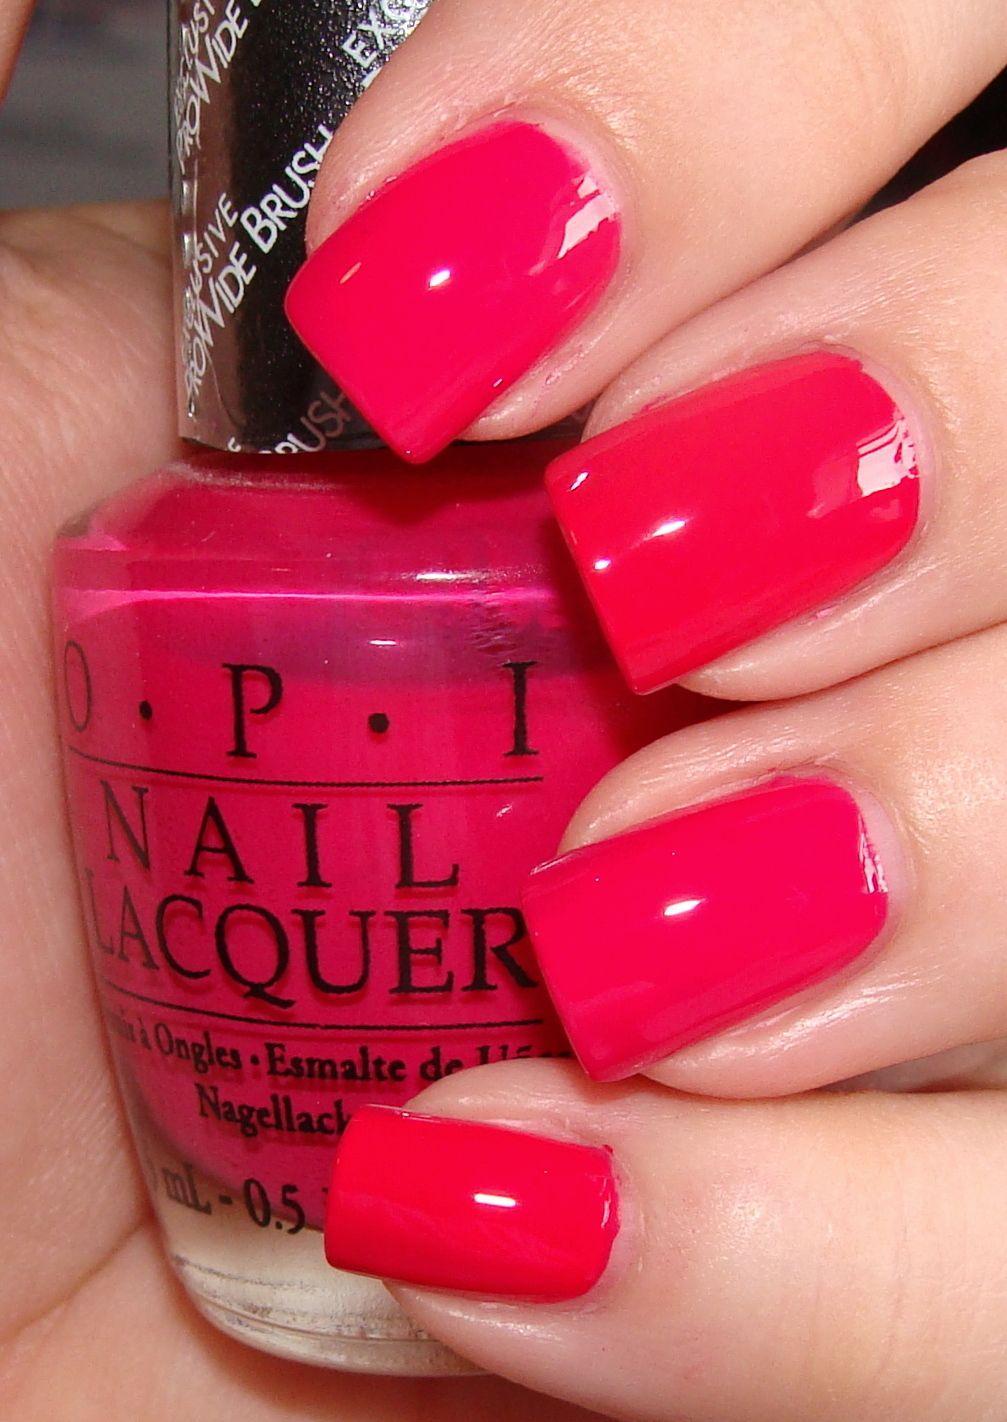 OPI Watermelon | Nails | Pinterest | Esmalte, Pintura de uñas y Essie